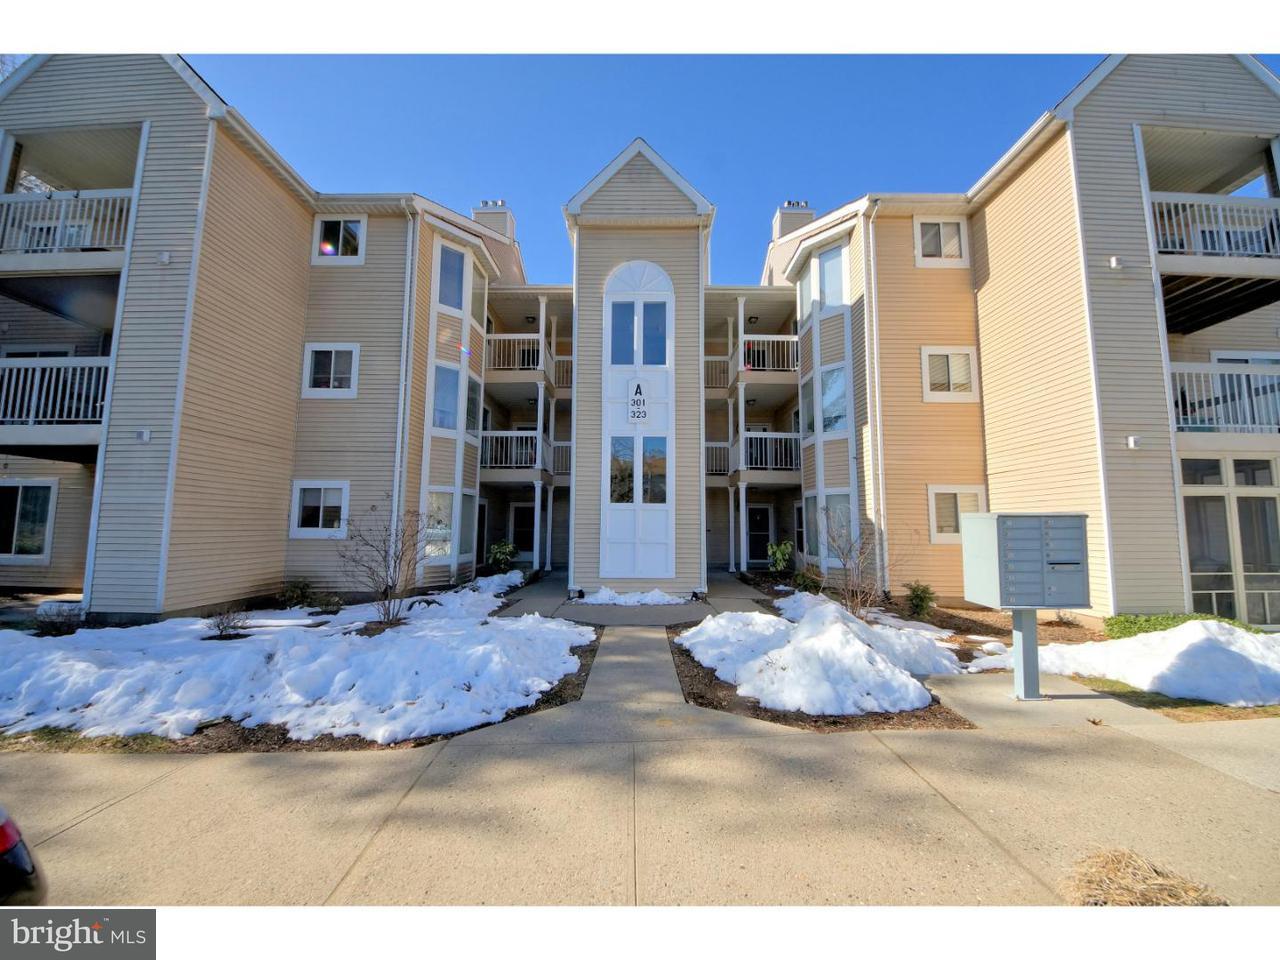 Appartement en copropriété pour l Vente à 319 SILVIA ST #BLDG A Ewing, New Jersey 08628 États-UnisDans/Autour: Ewing Township